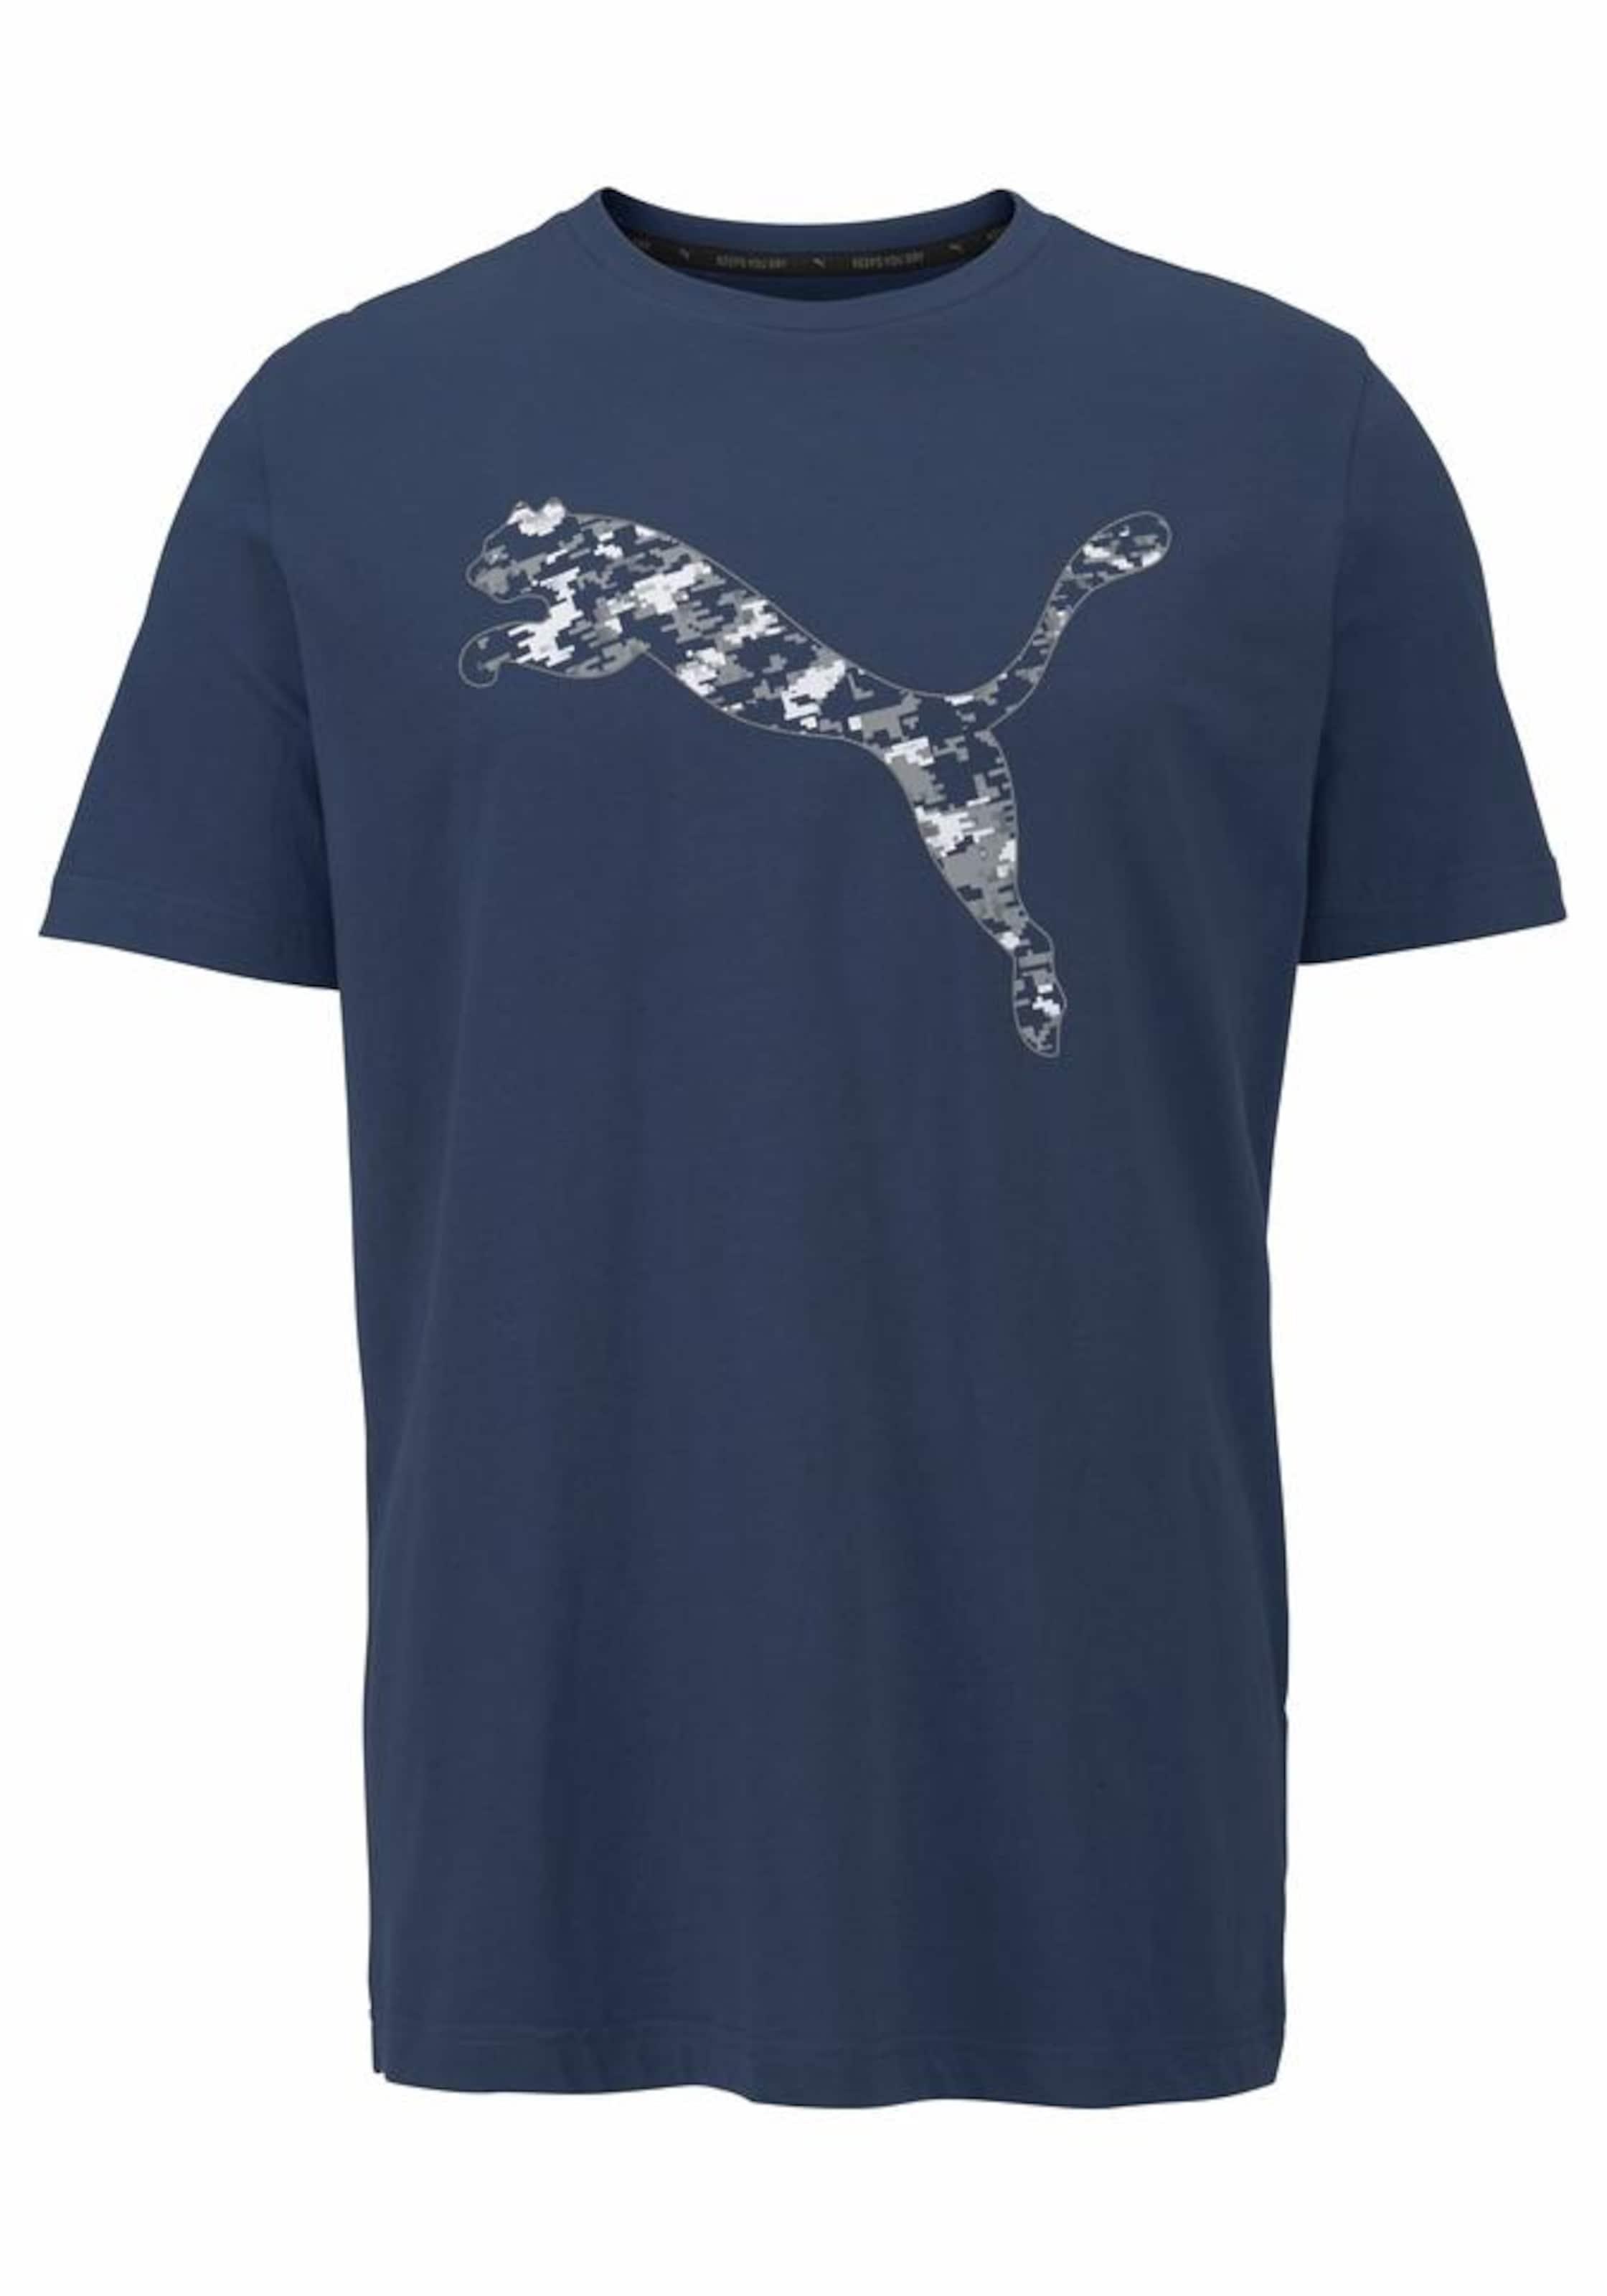 Günstige Preise PUMA Shirt 'ACTIVE HERO TEE' Verkauf Viele Arten Von Billig Verkauf Manchester Billig Große Überraschung 2Y4nSDUjQ